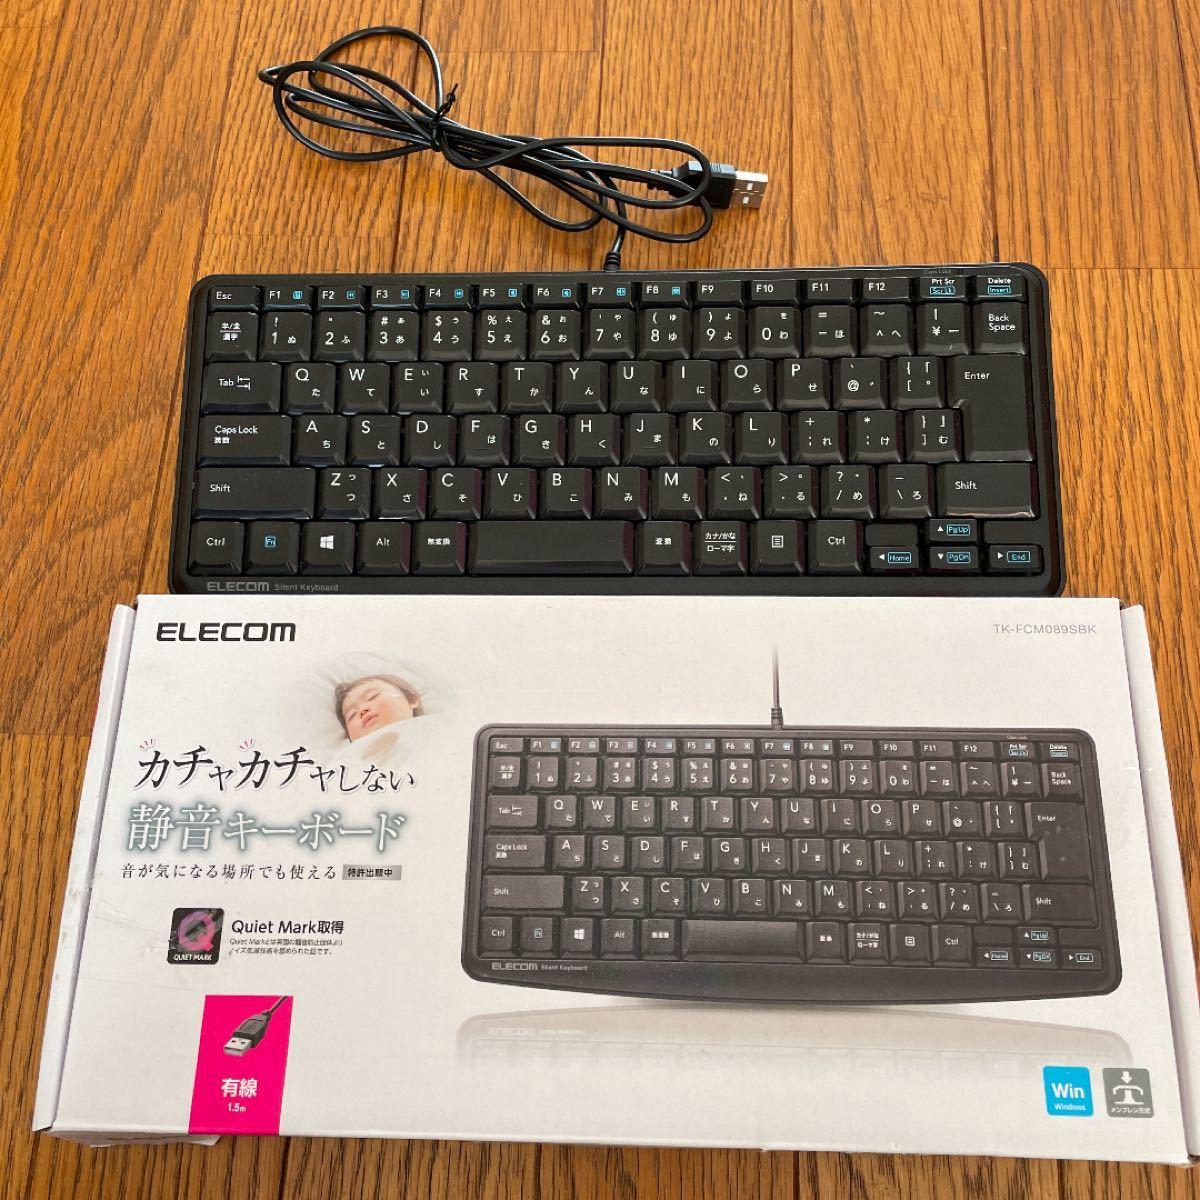 ELECOM TK-FCM089SBK エレコム 静音キーボード 有線キーボード